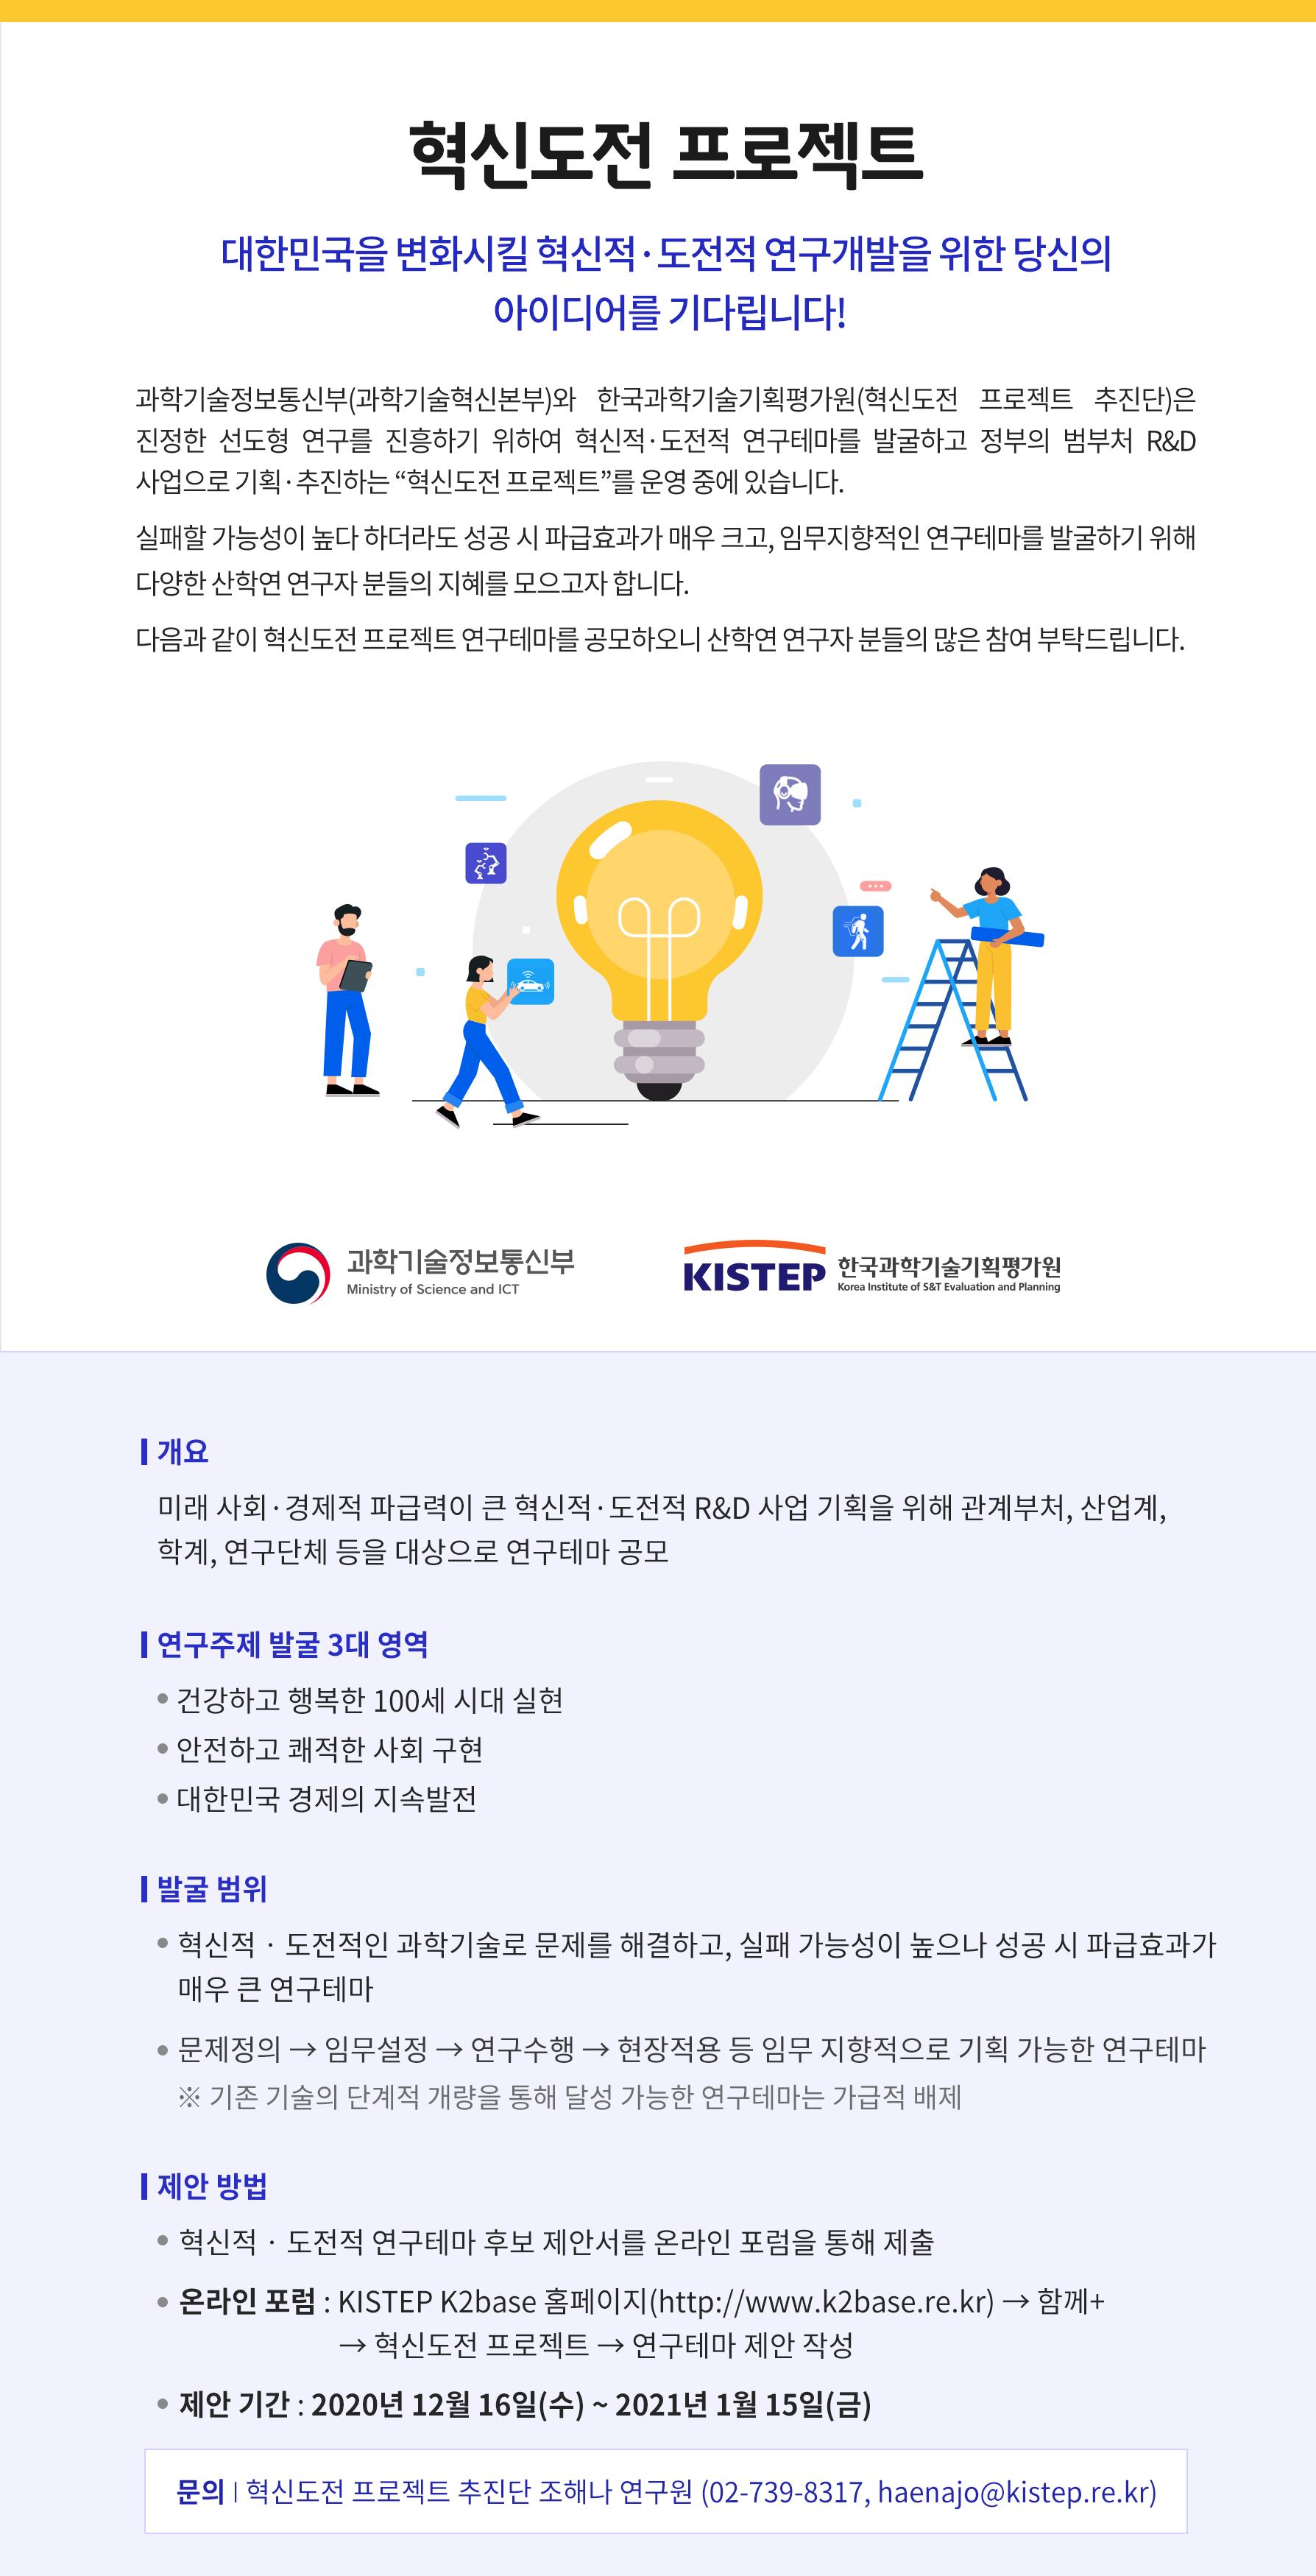 [붙임2] 혁신도전 프로젝트 연구테마 발굴 안내문.png